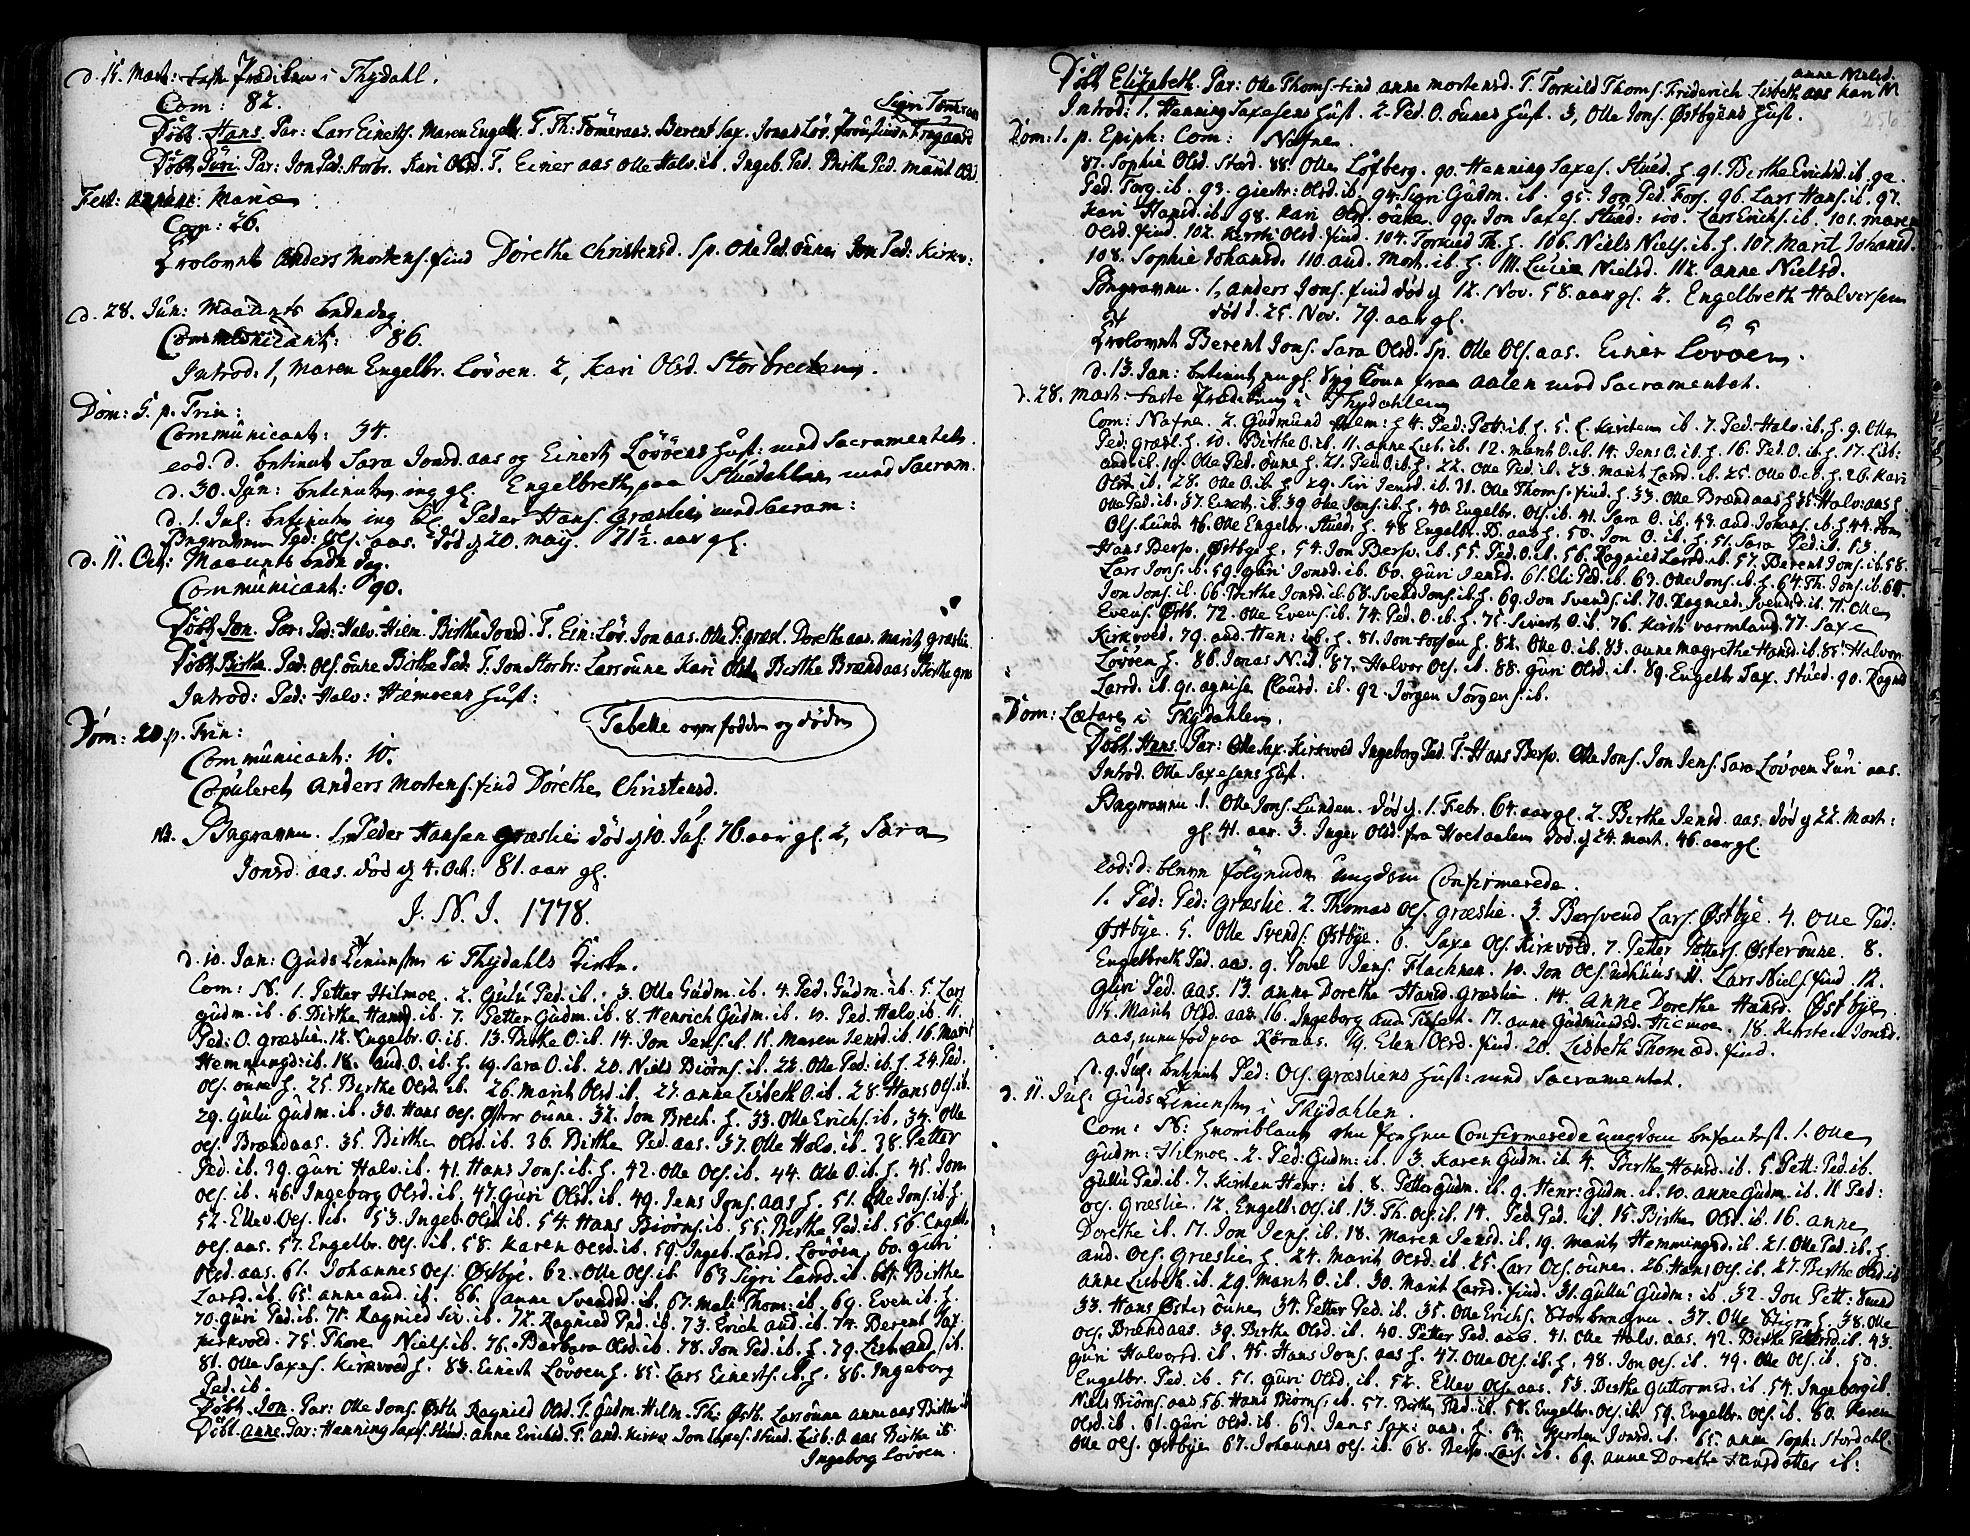 SAT, Ministerialprotokoller, klokkerbøker og fødselsregistre - Sør-Trøndelag, 695/L1139: Ministerialbok nr. 695A02 /2, 1776-1790, s. 256